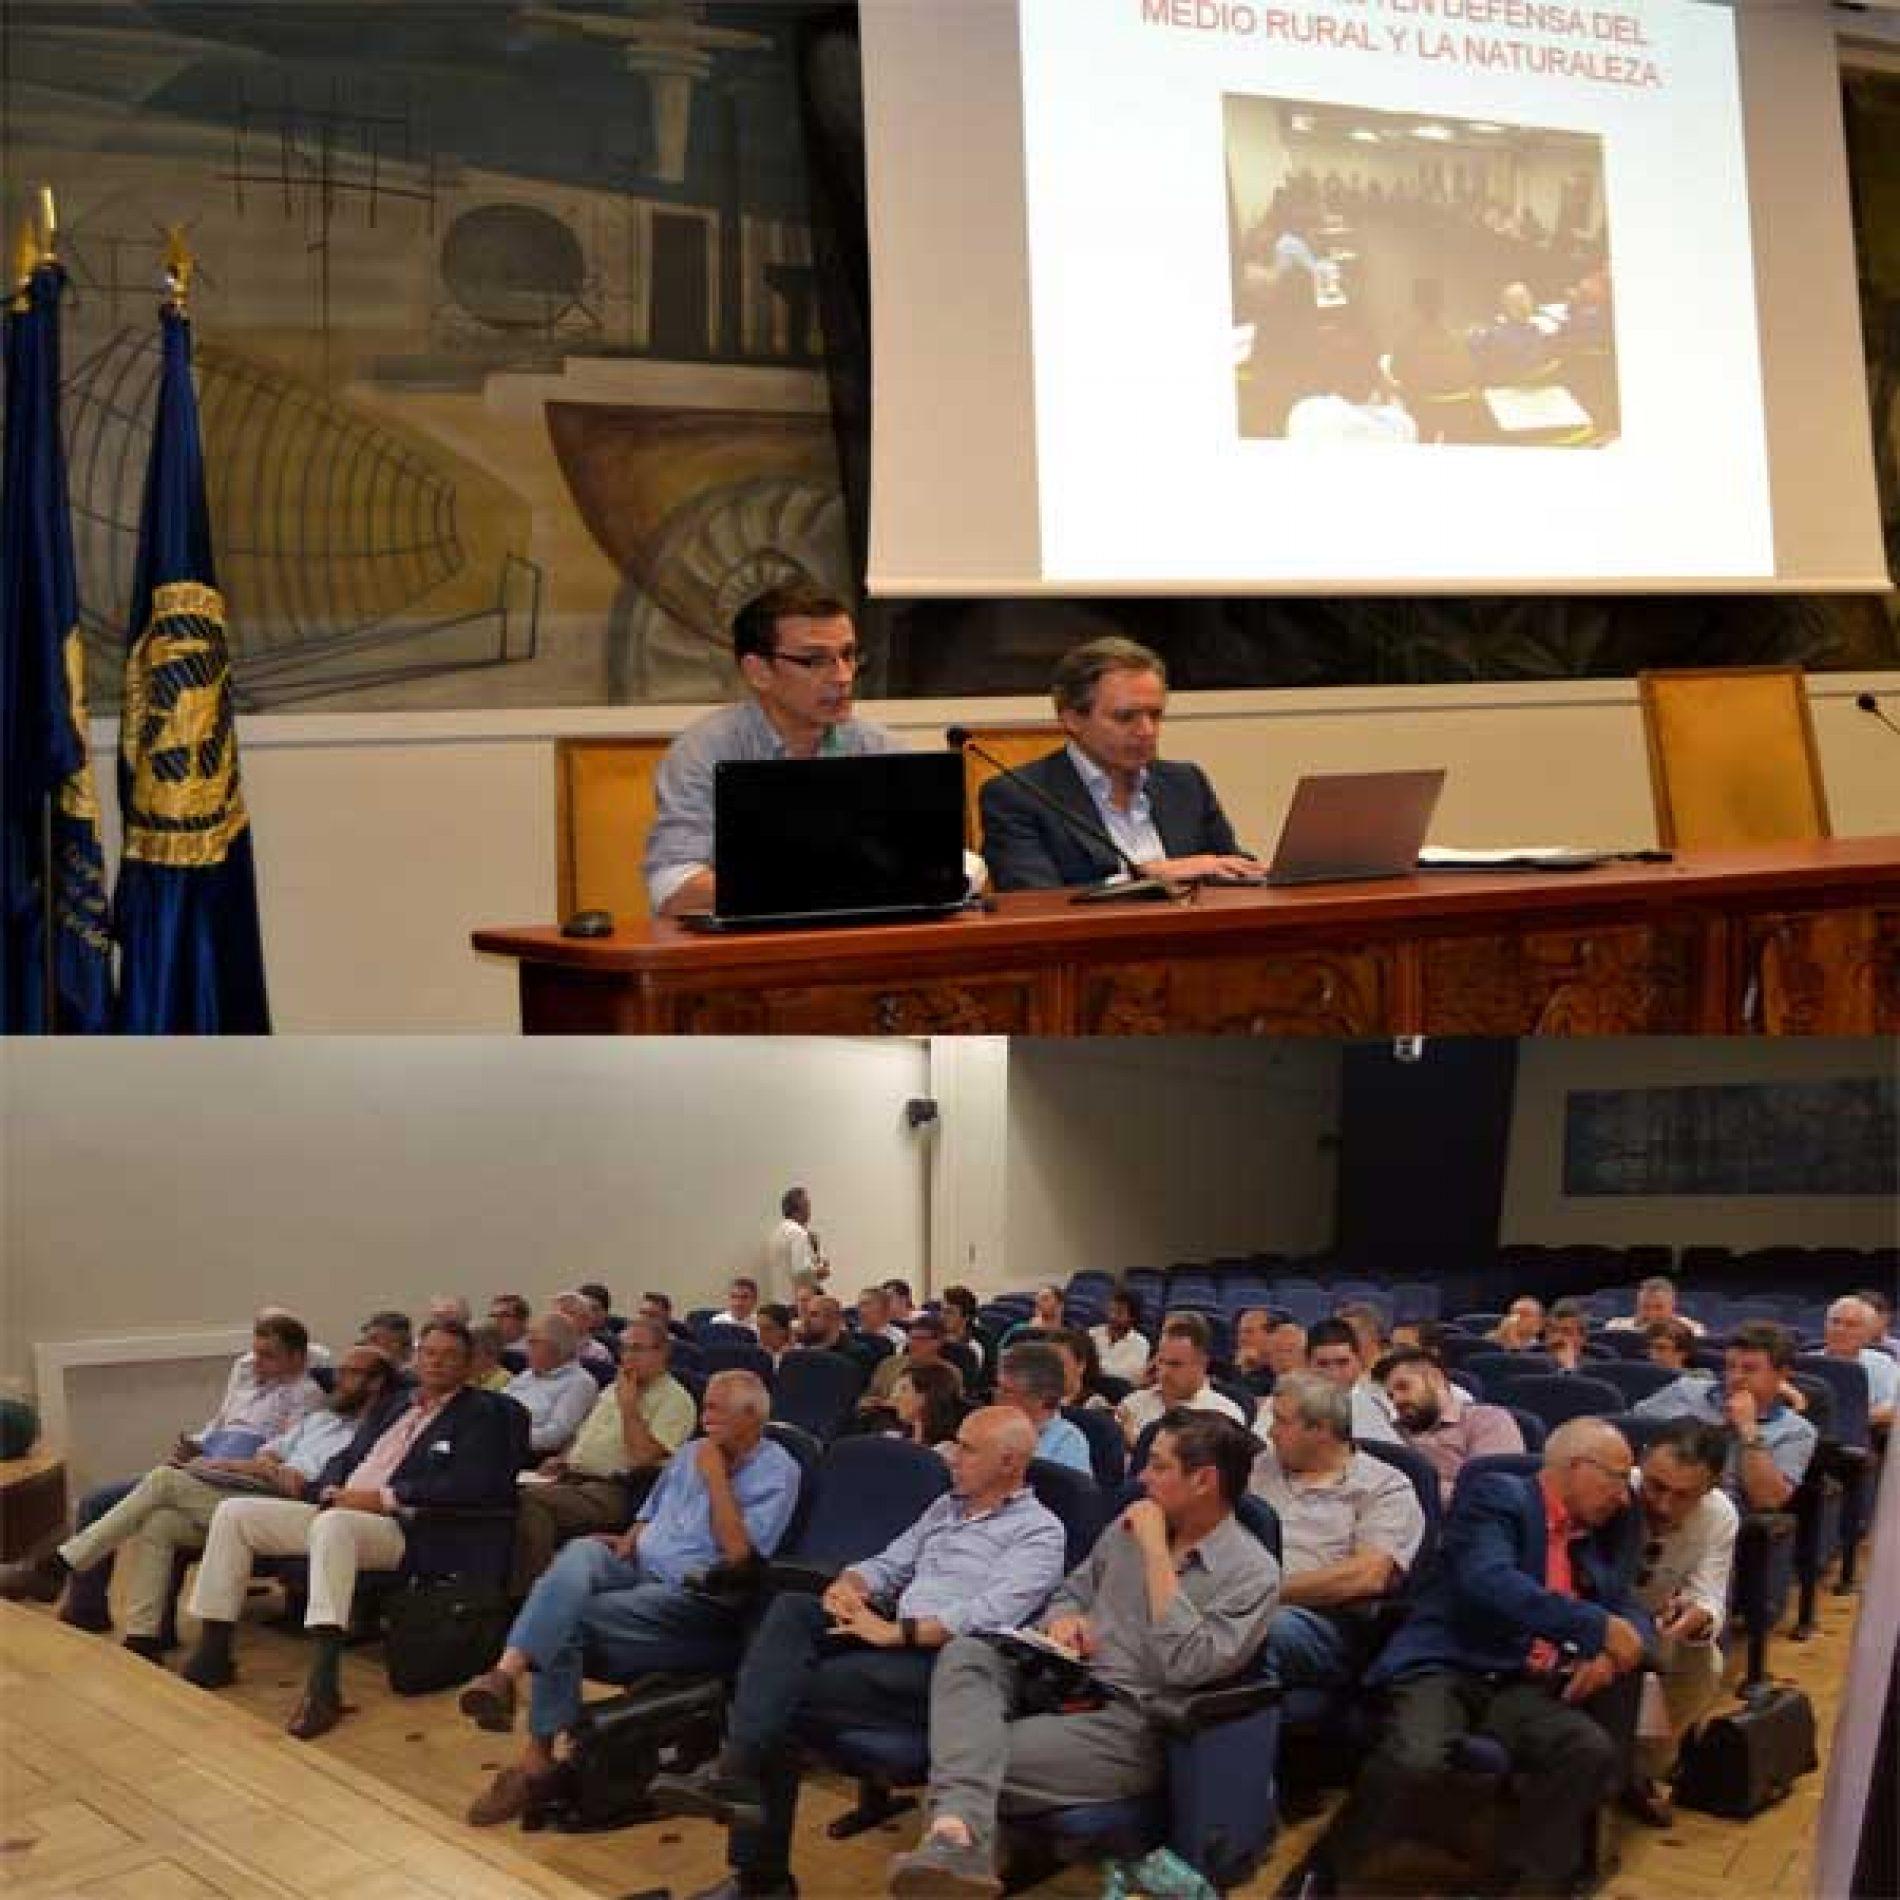 2ª Reunión de La Plataforma en Defensa del Mundo Rural y la Naturaleza